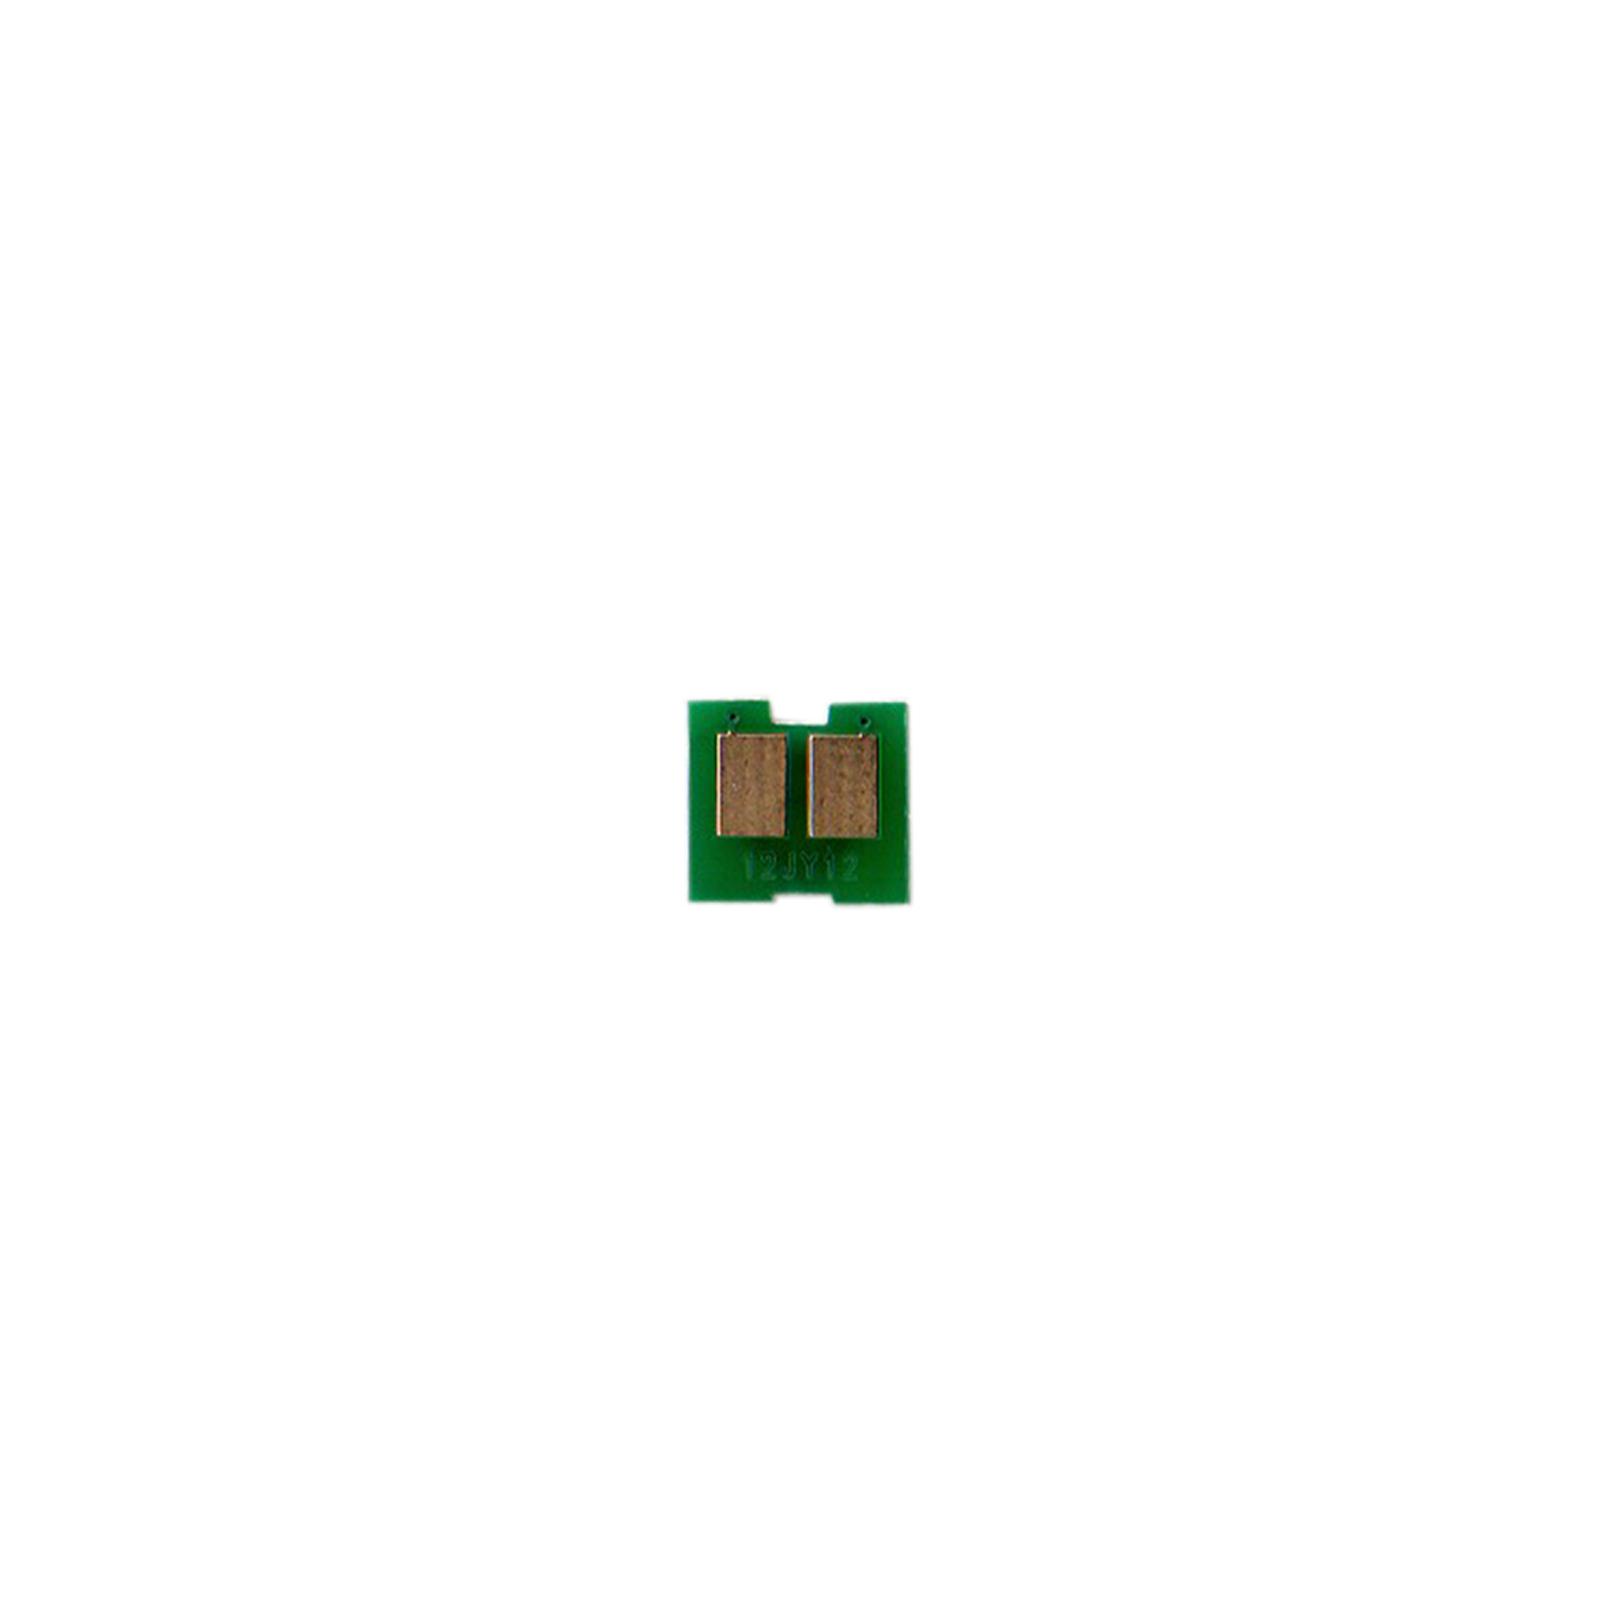 Чип для картриджа AHK HP CLJ Pro 200/M251/M276n Yellow (1800764)